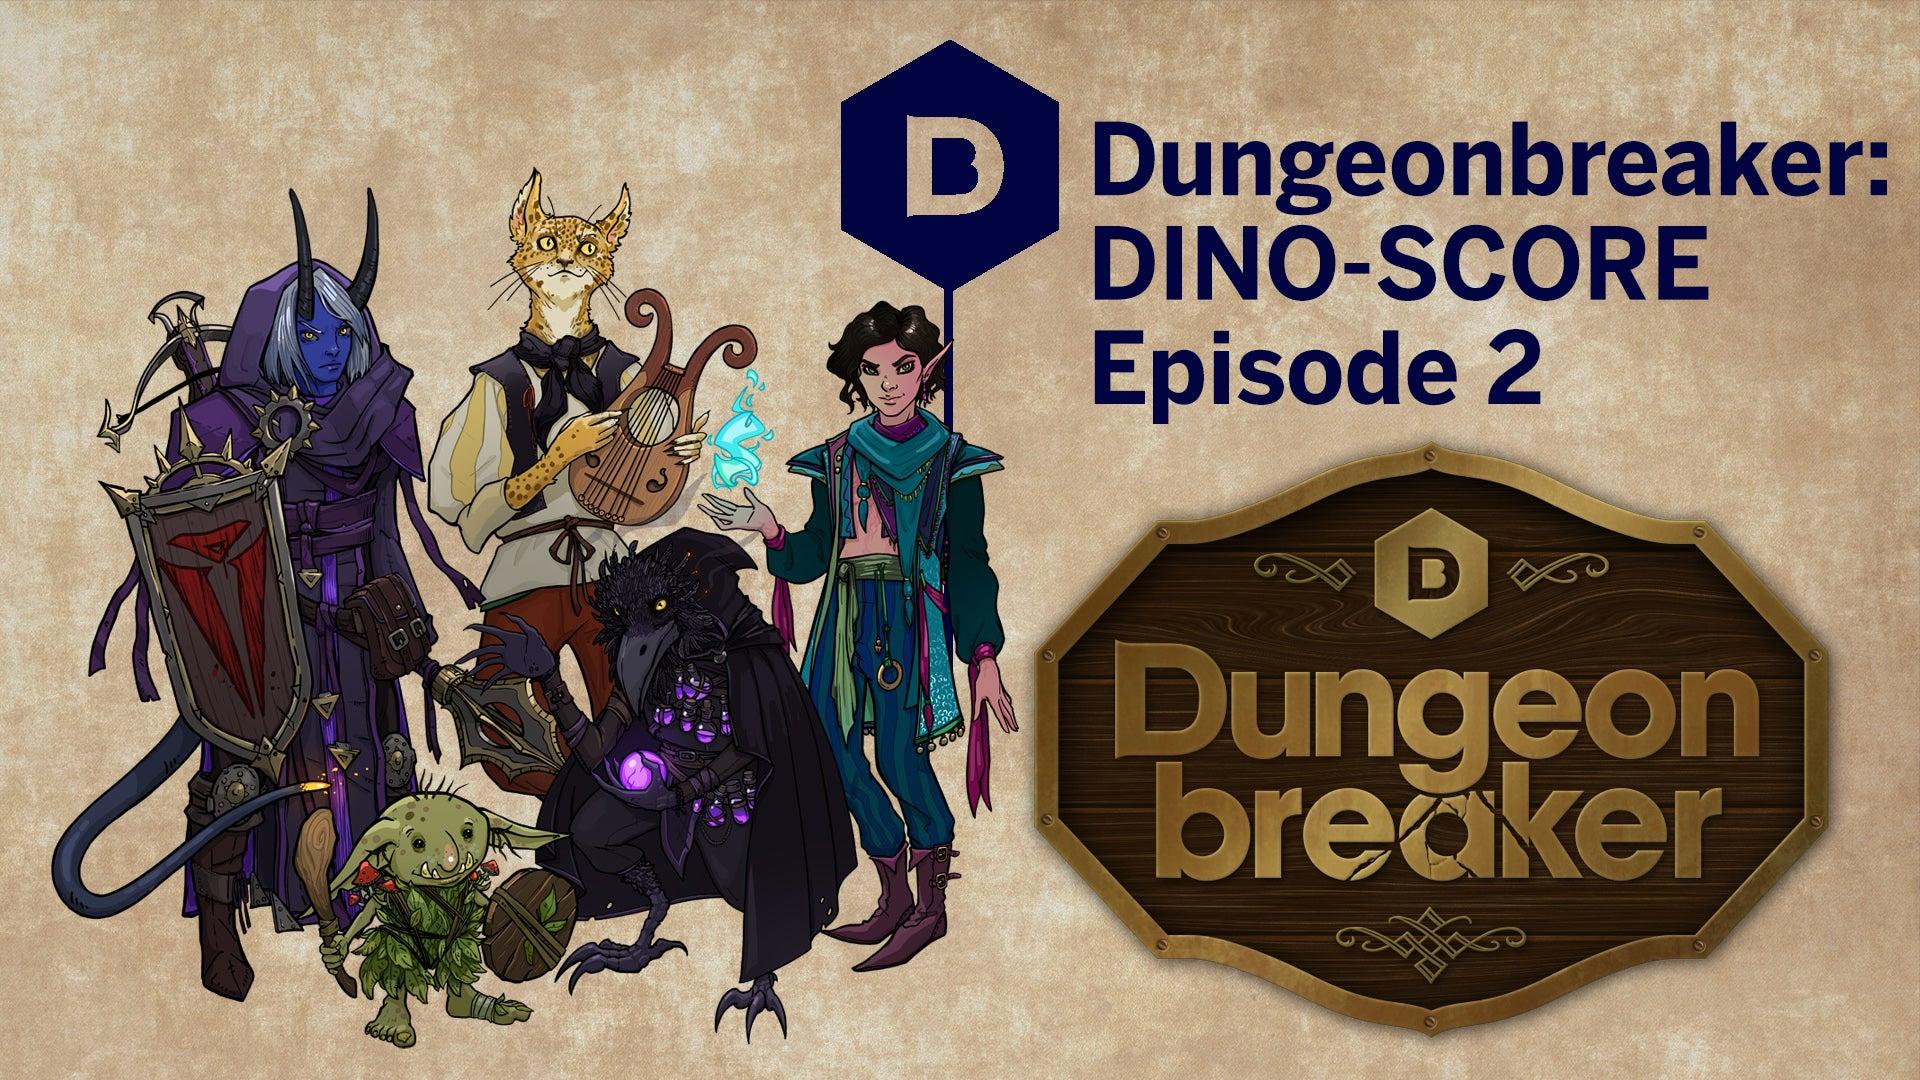 Dungeonbreaker episode 2